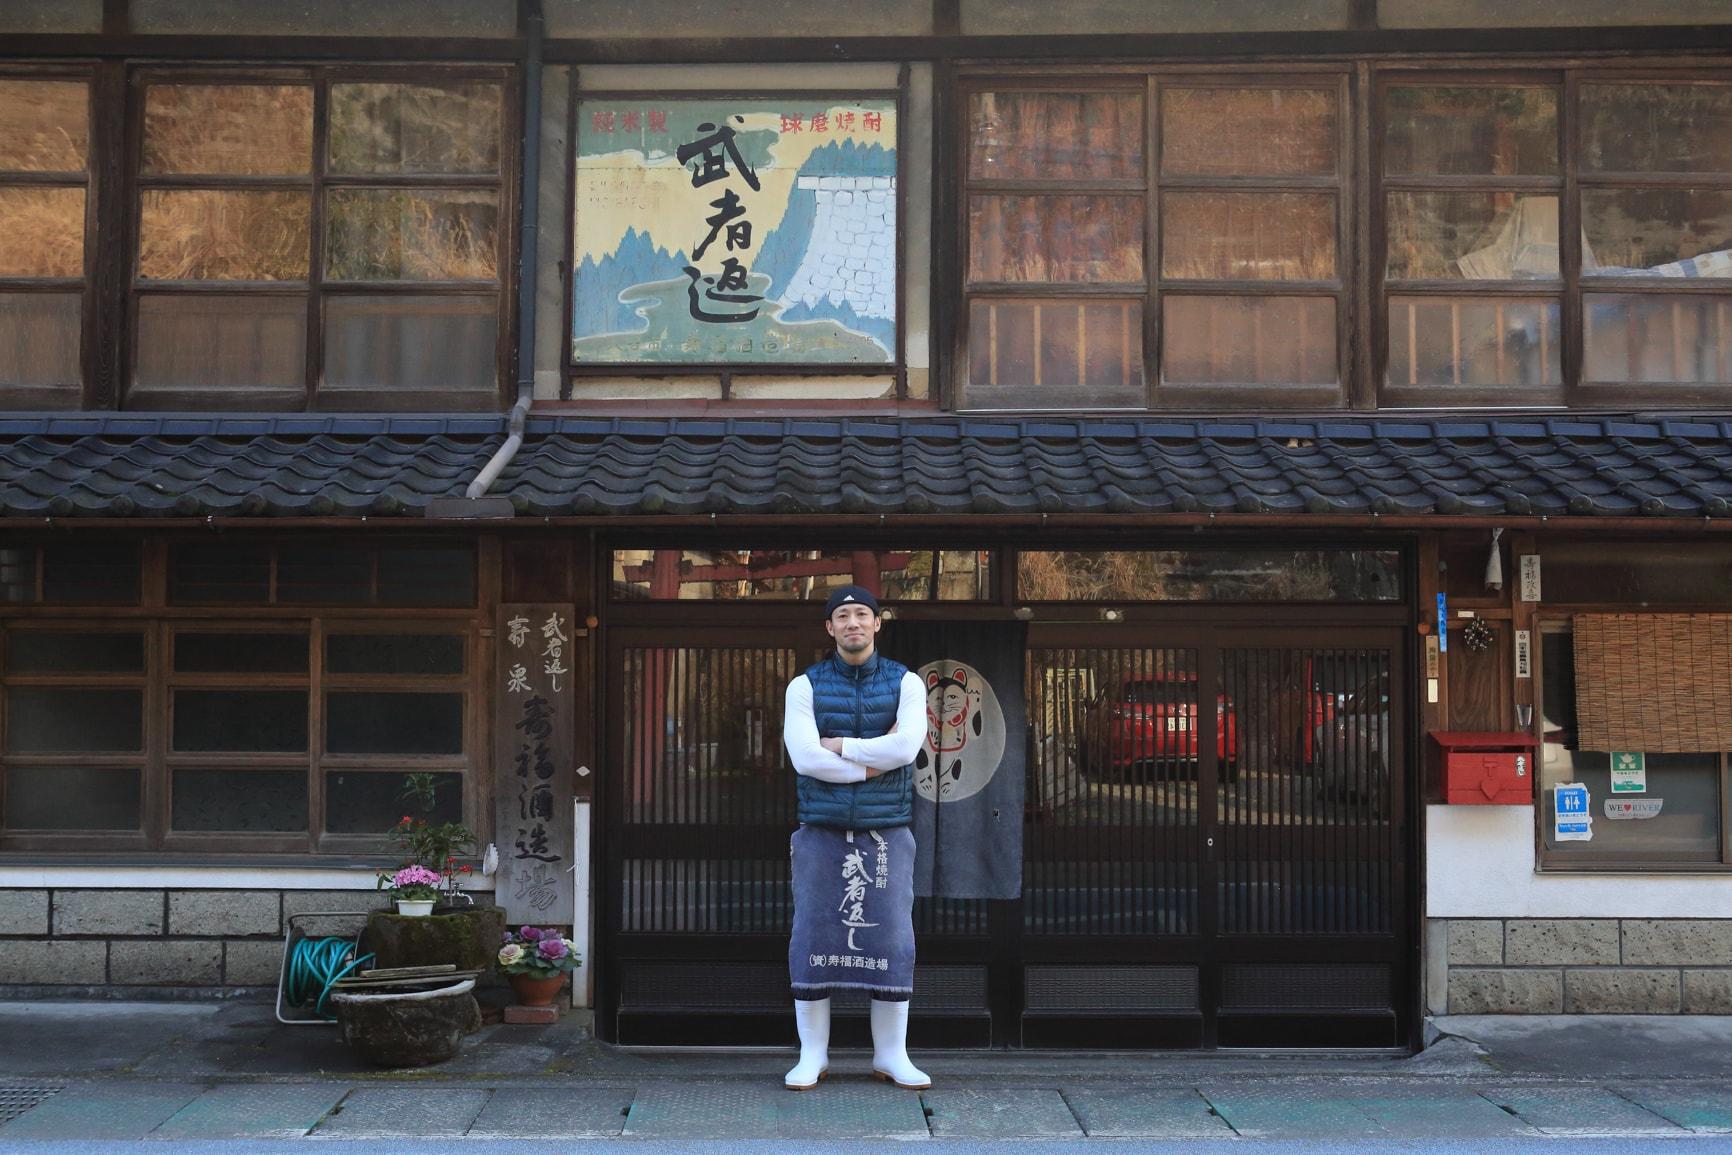 武者返し,寿福酒造場,球磨焼酎,米焼酎,吉松良太,寿福絹子